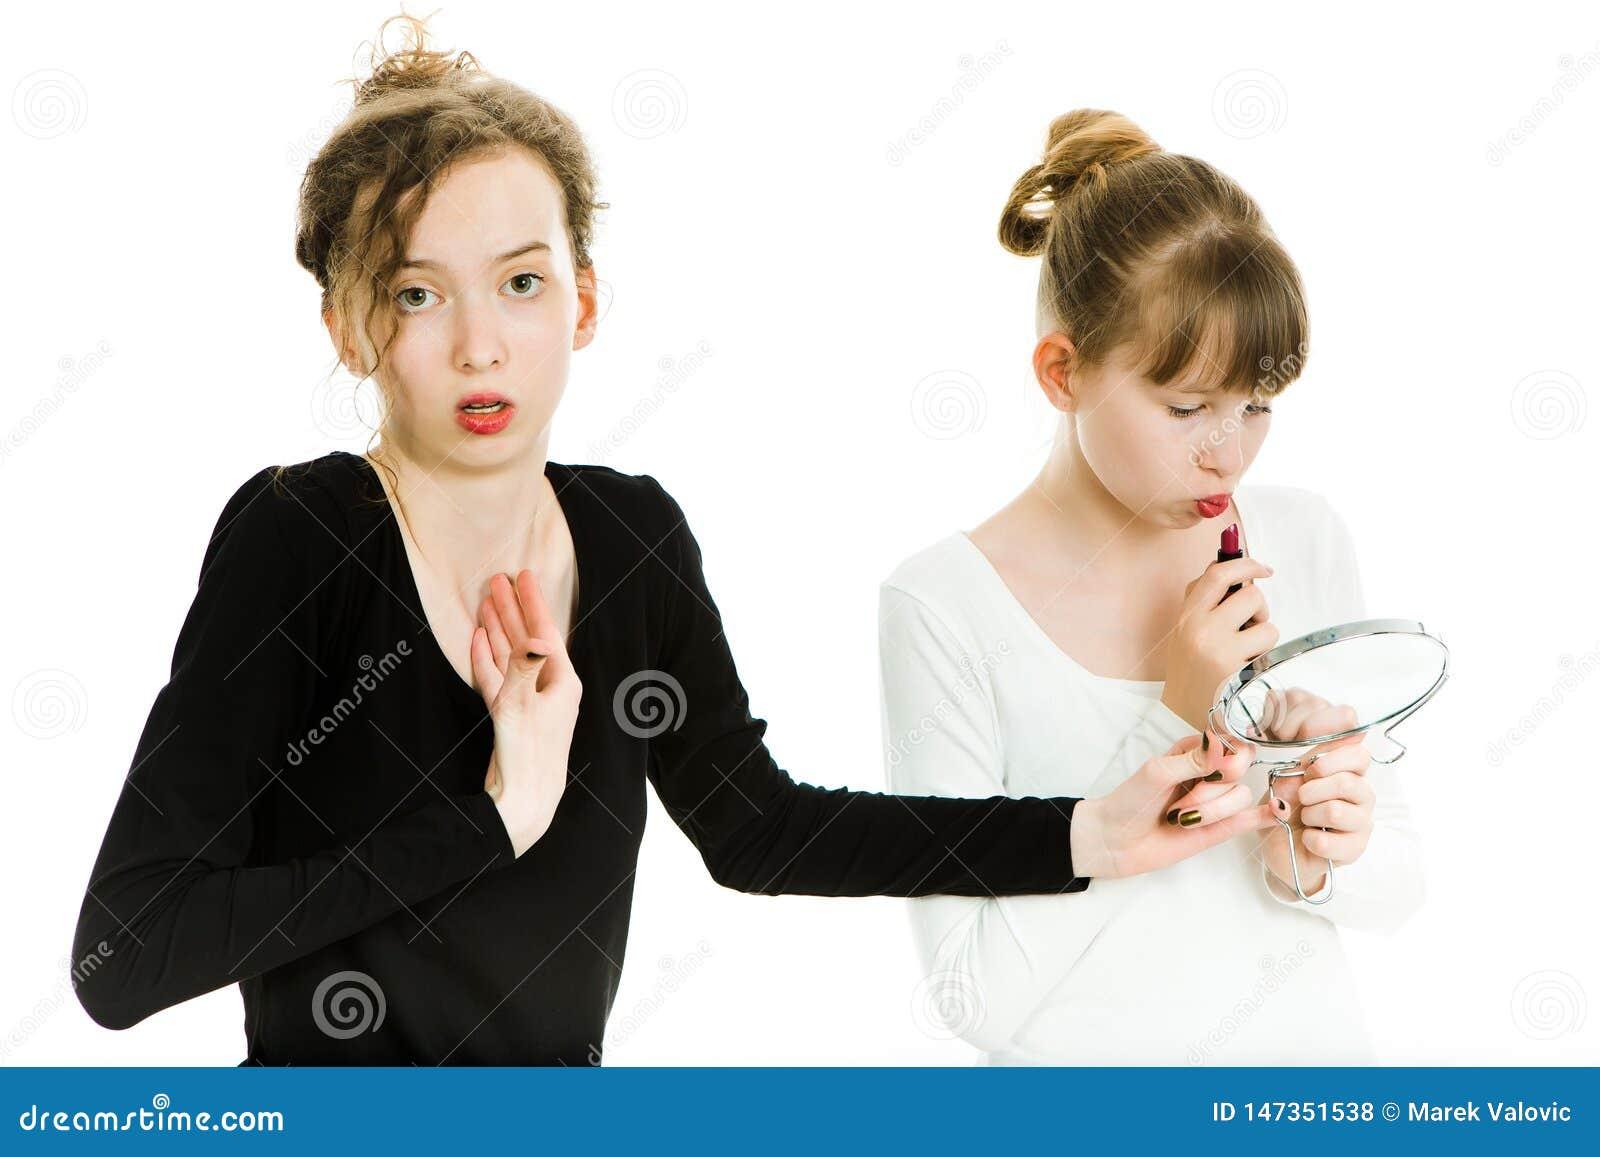 Dwa teenaged dziewczyny targują się dostawać lustro robić uzupełniającemu - siostrzana rywalizacja